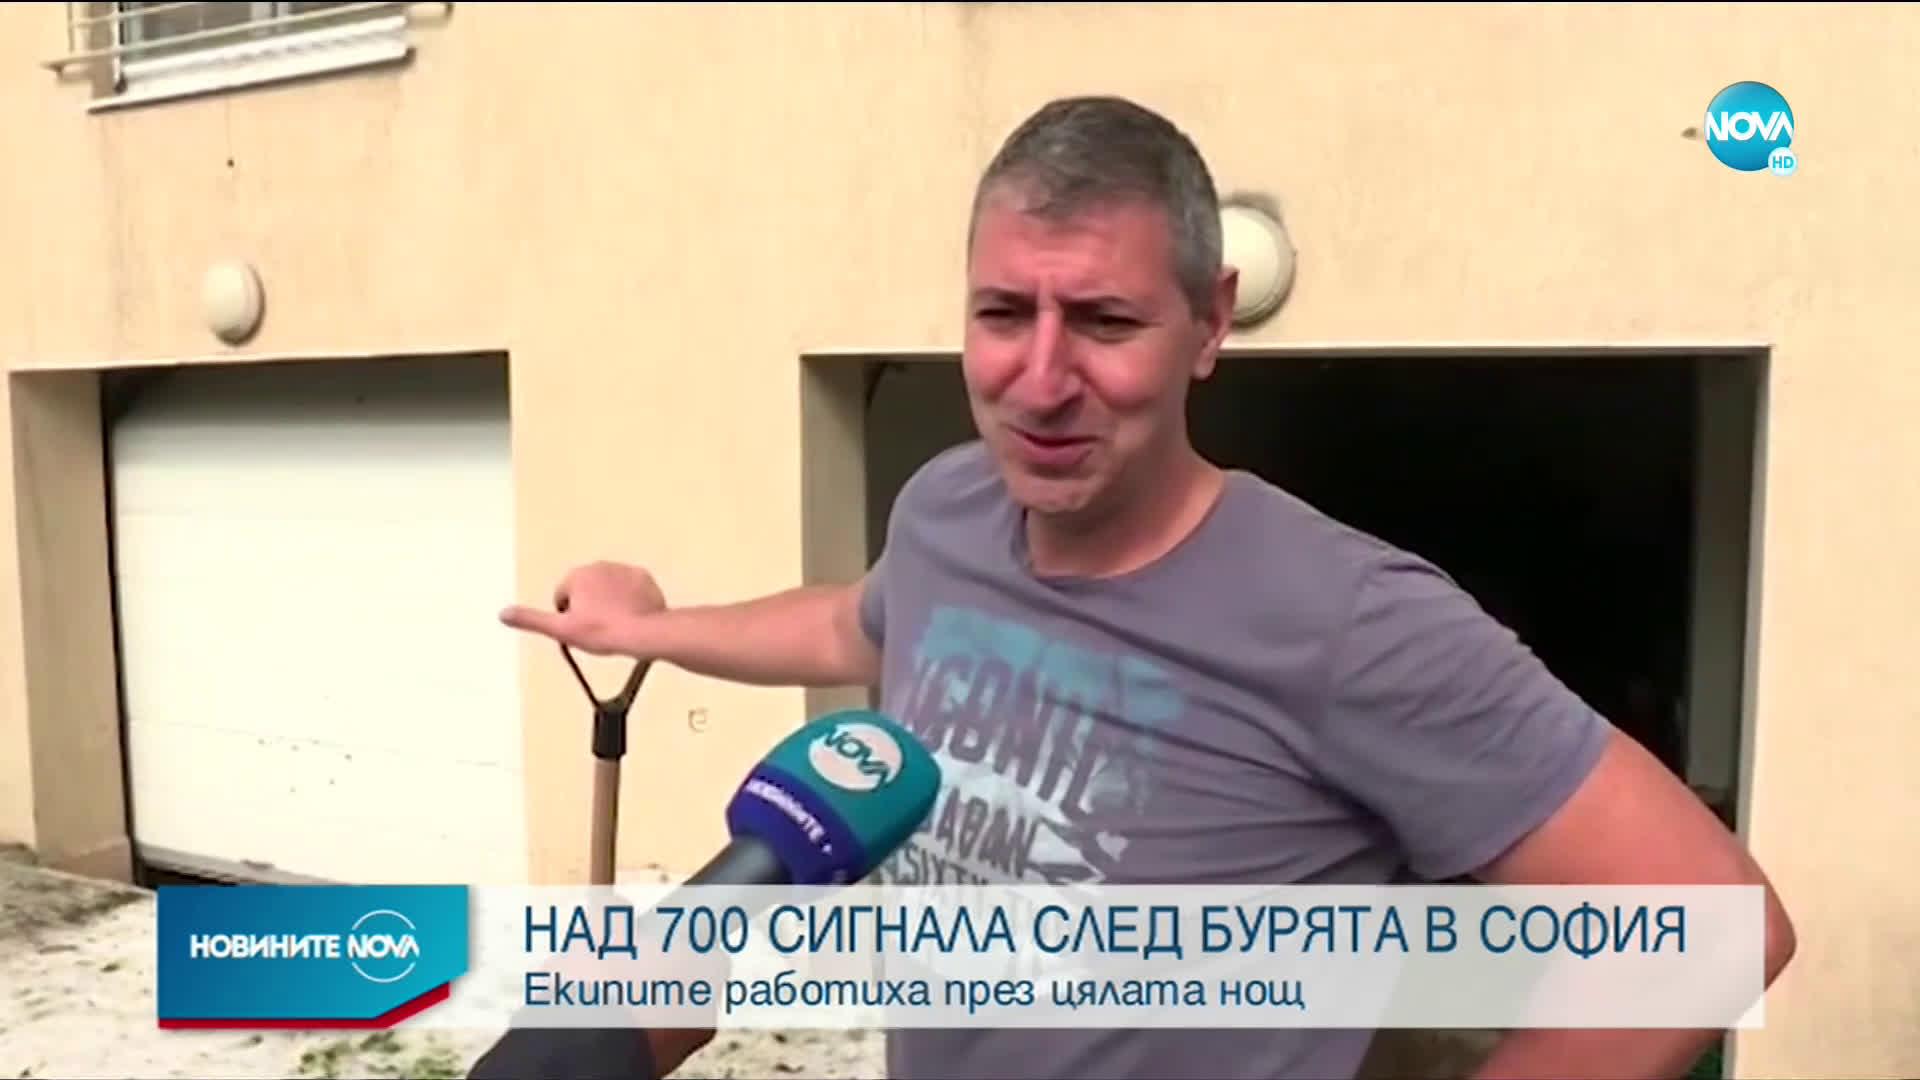 Фандъкова: Има oколо 700 сигнала на телефон 112 след бурята в София